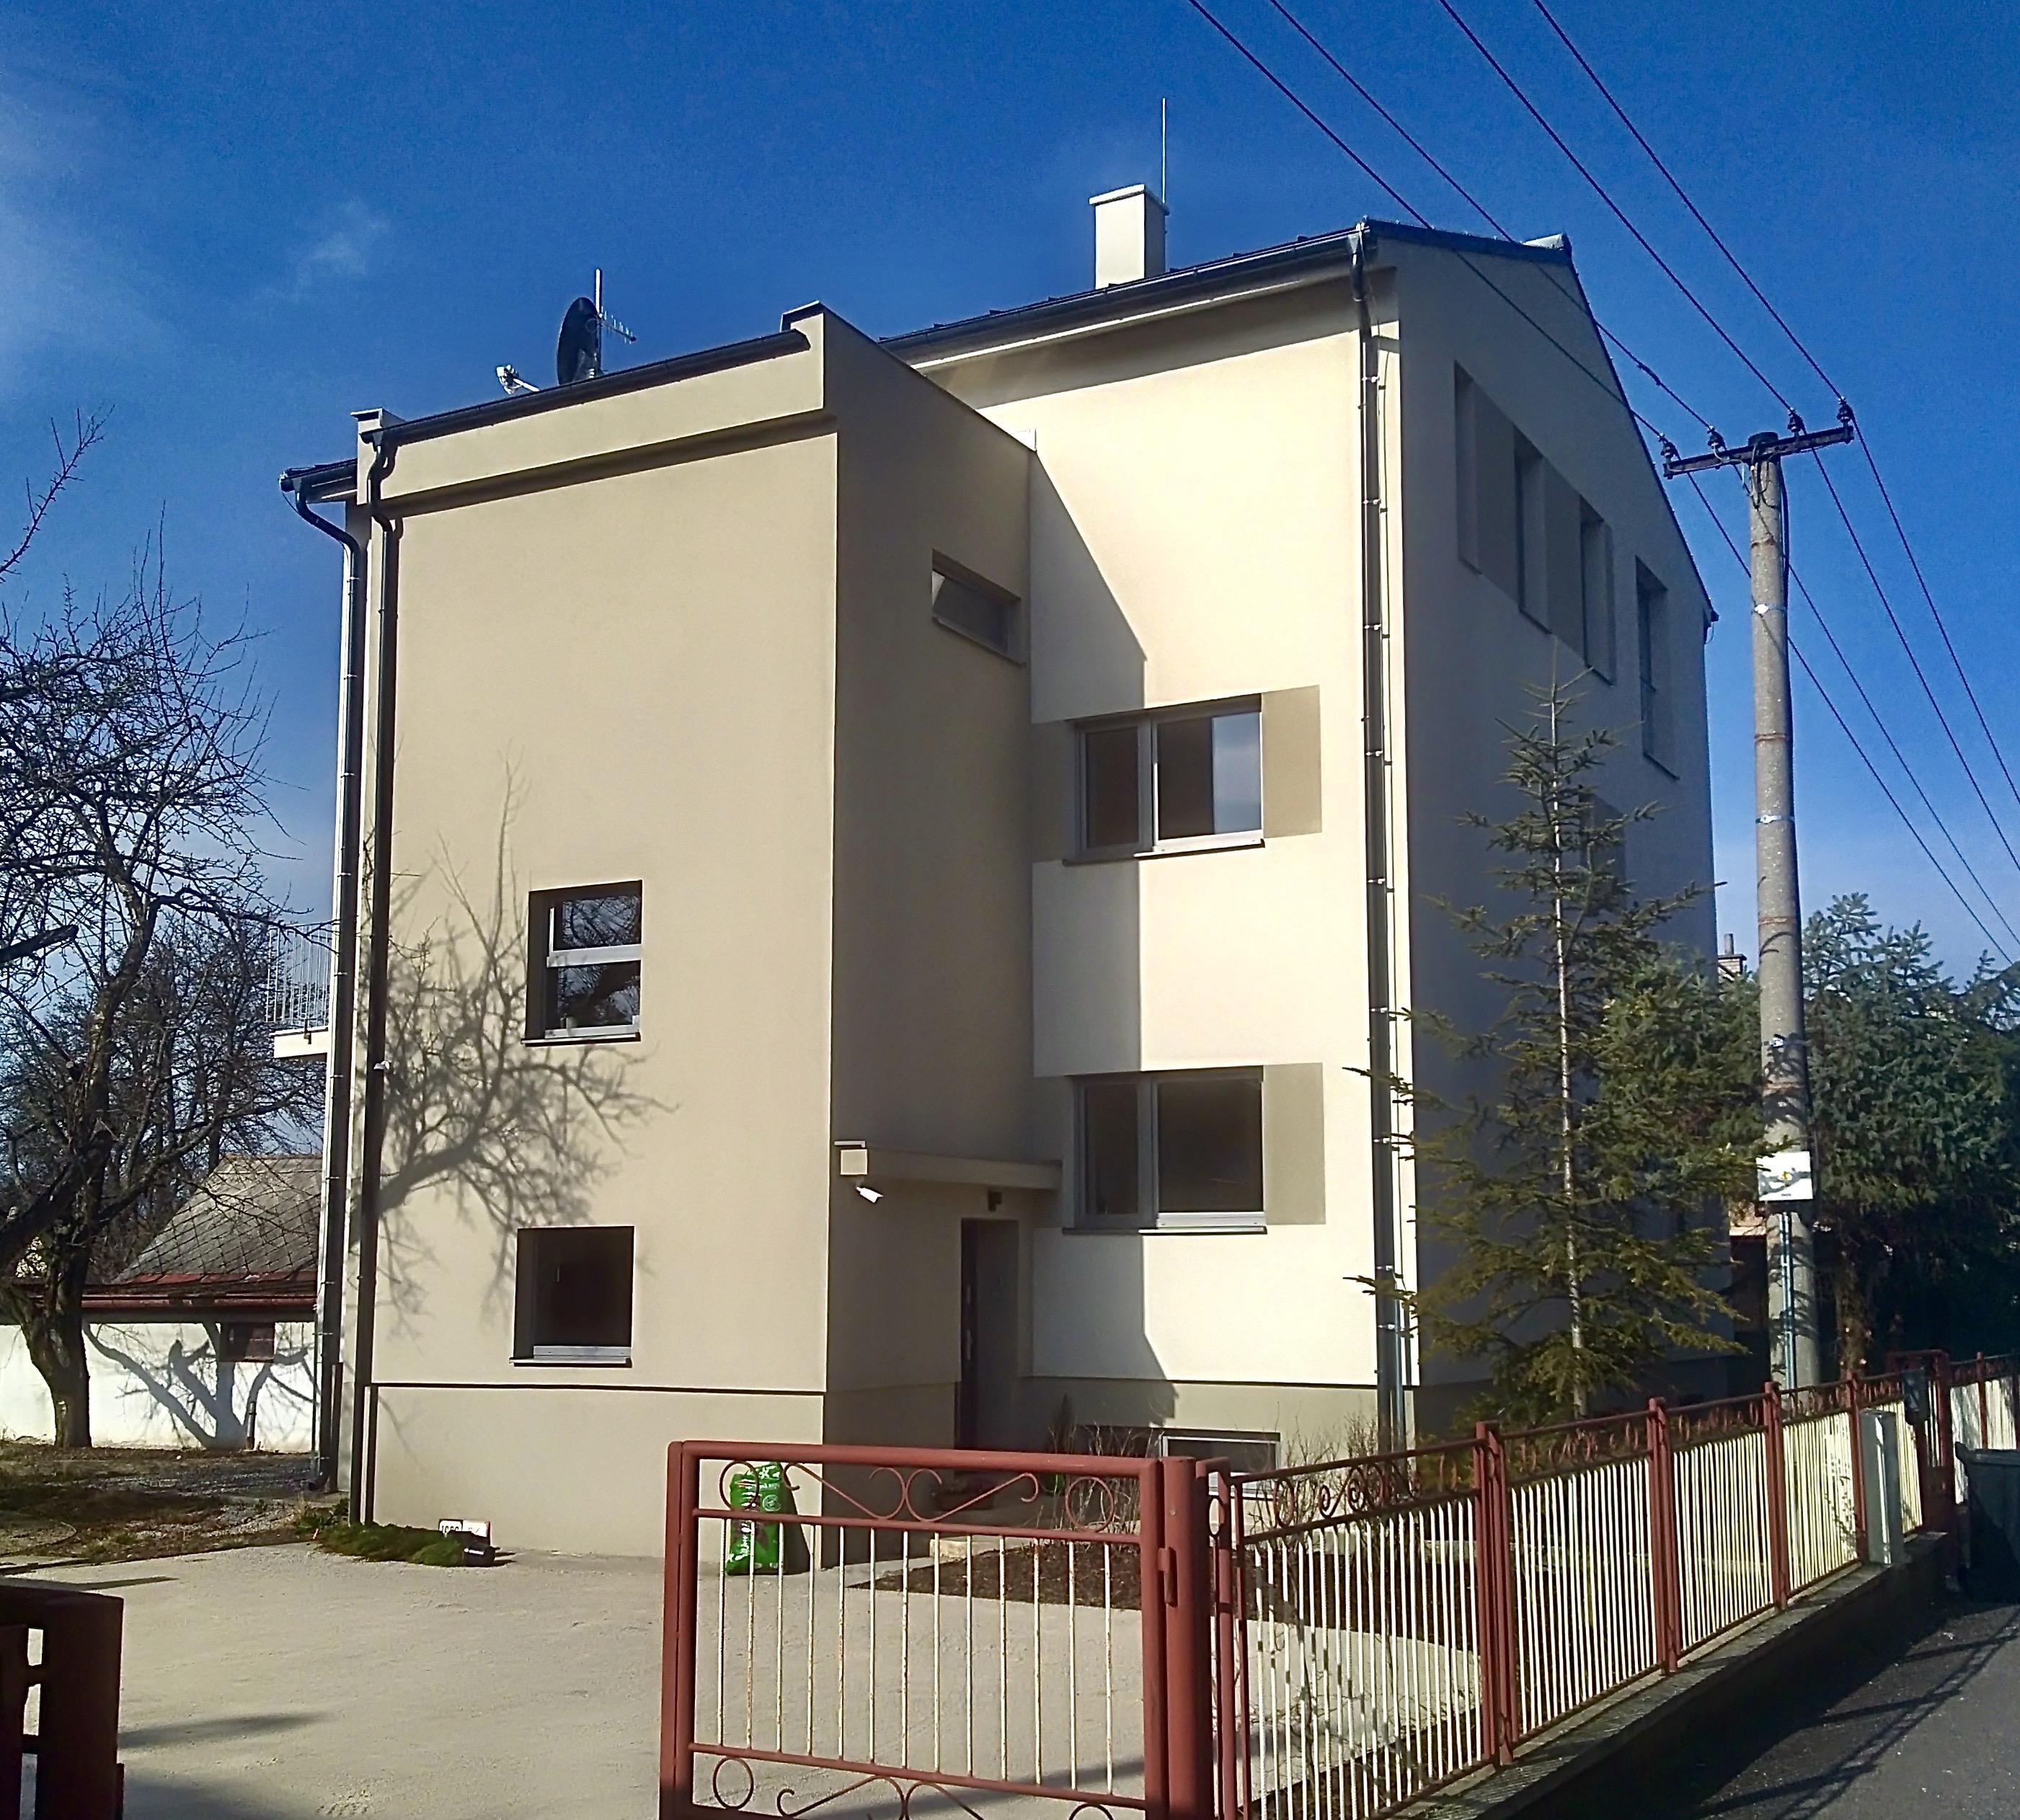 Penzión v Liptovskom Mikuláši, Slovensko